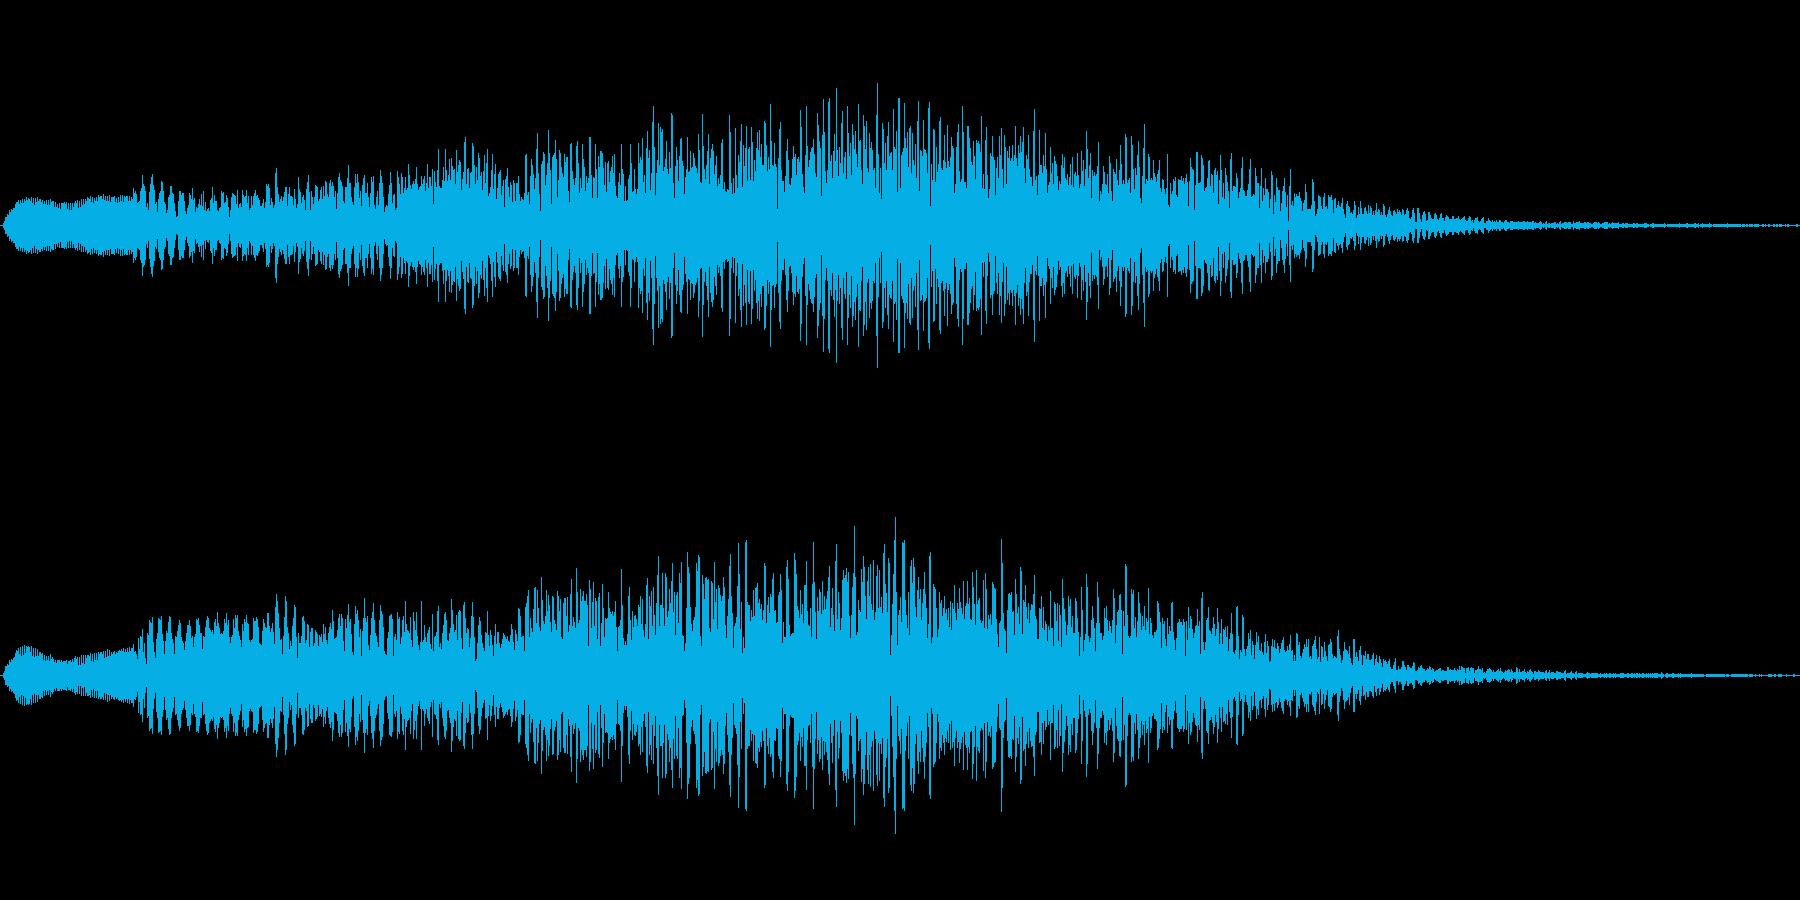 ジングル101aの再生済みの波形